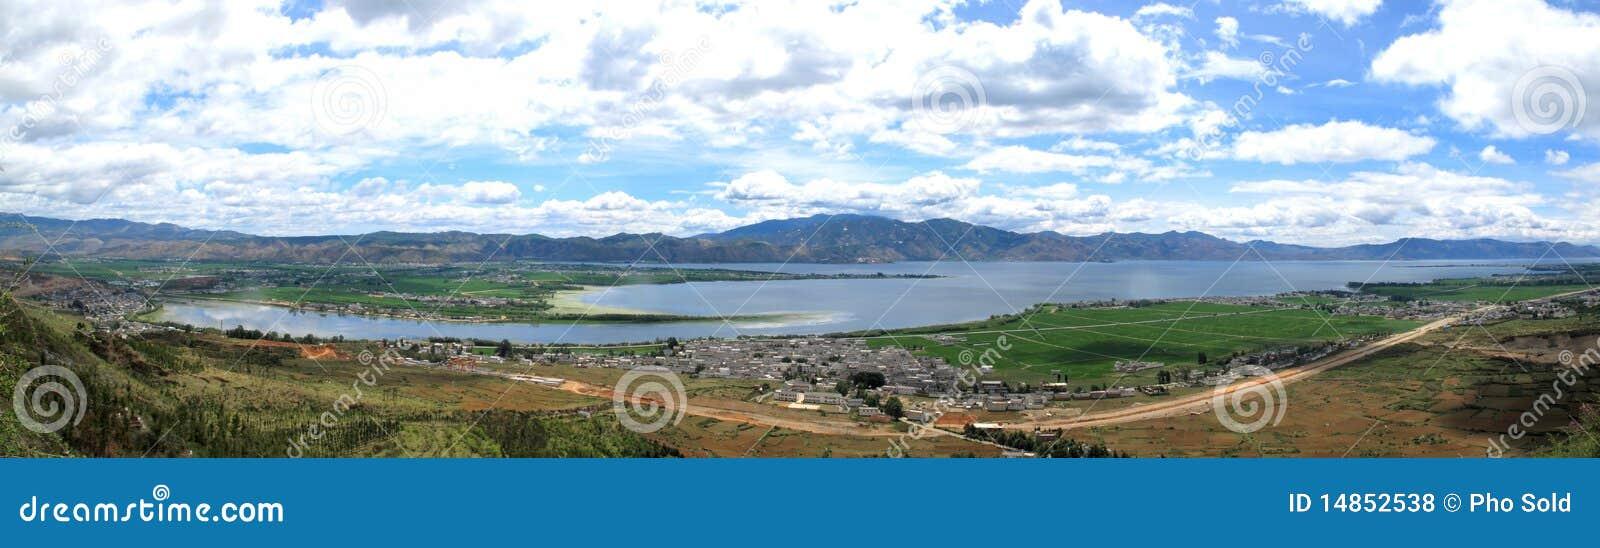 Lake - Dali Erhai Lake